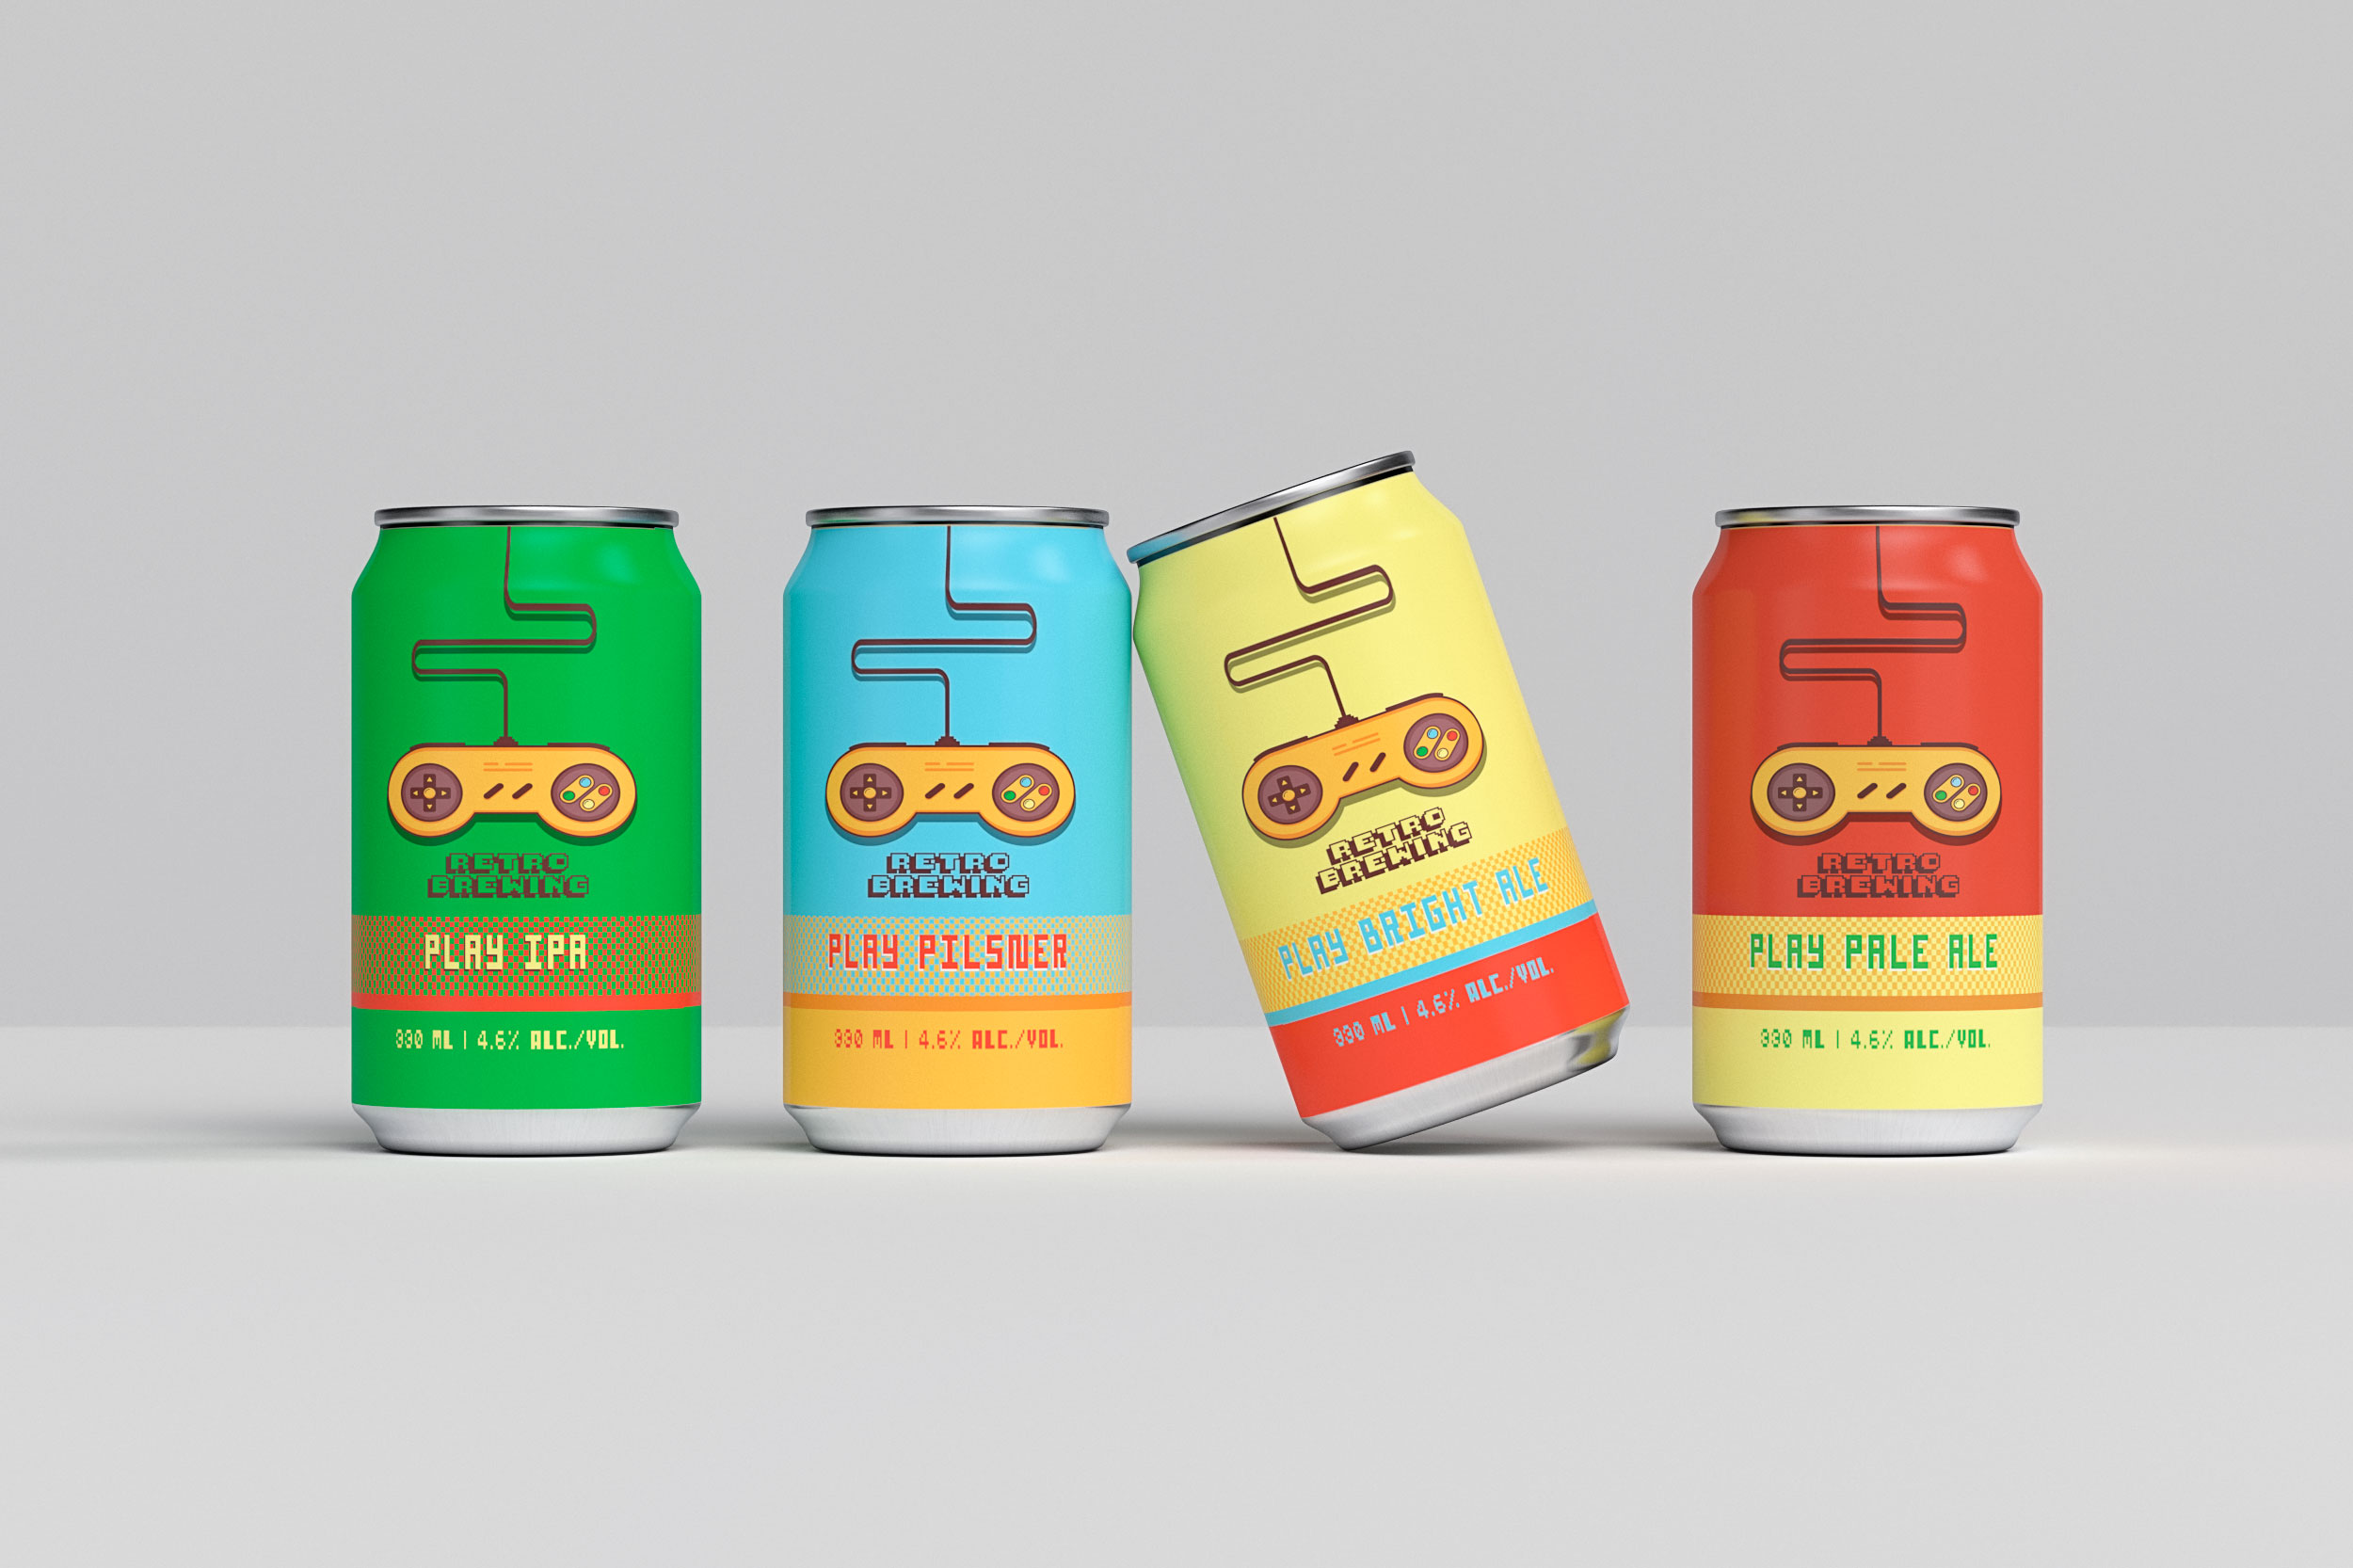 Canettes de bière retro gaming.